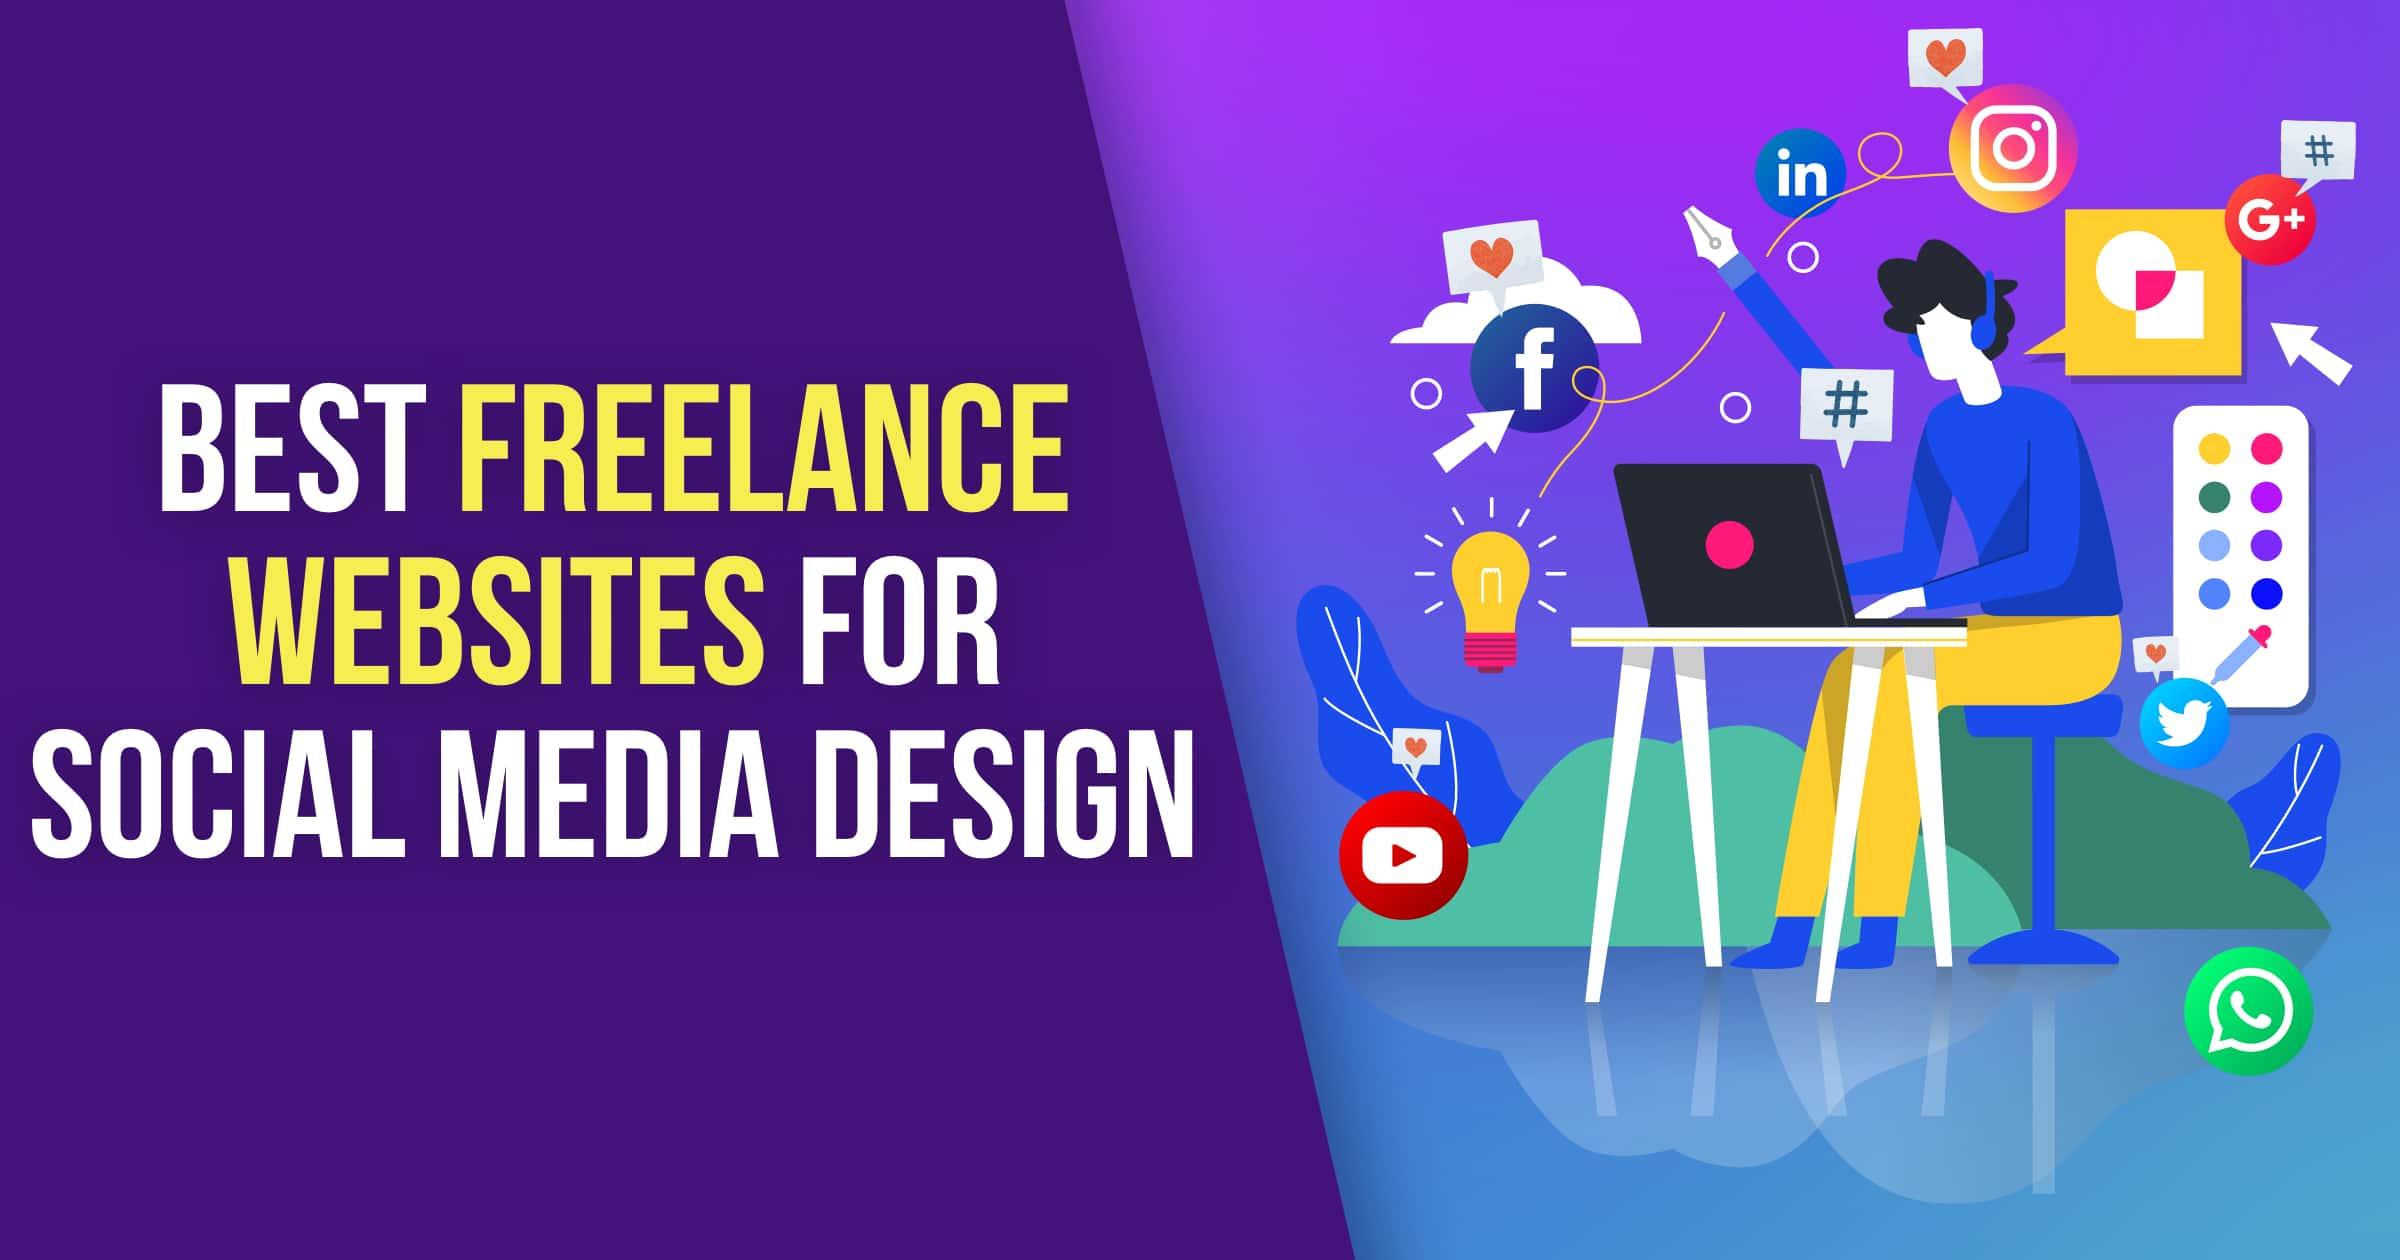 Social Media Design 5 Best Places To Find Freelancers 2020